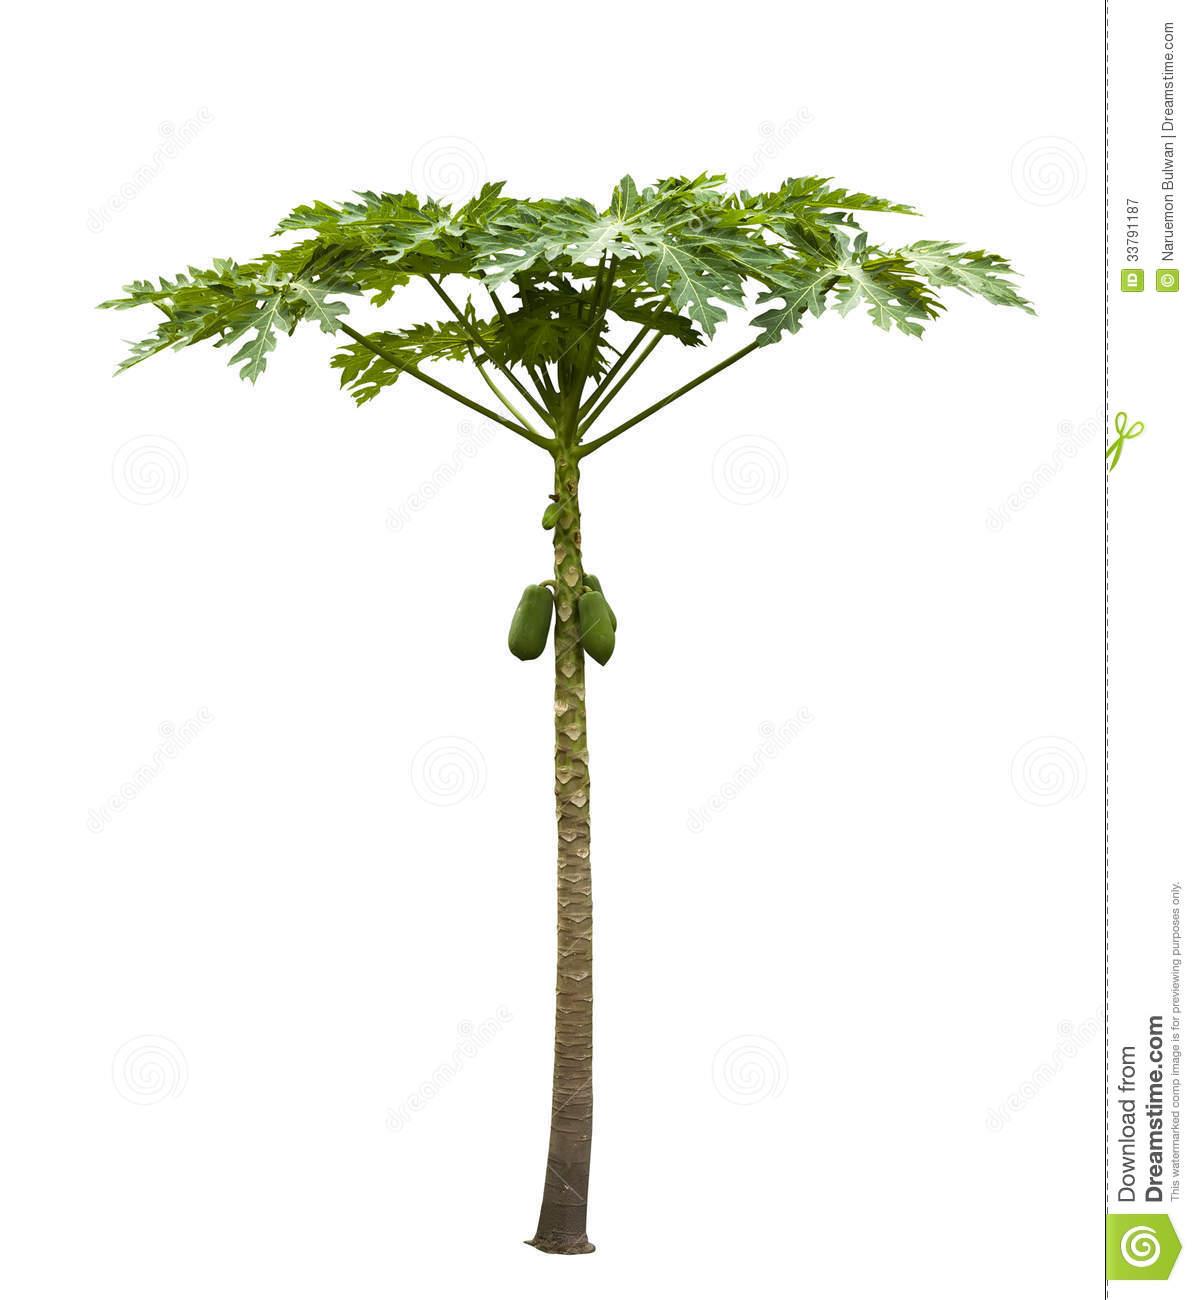 Papaya tree (Carica papaya).